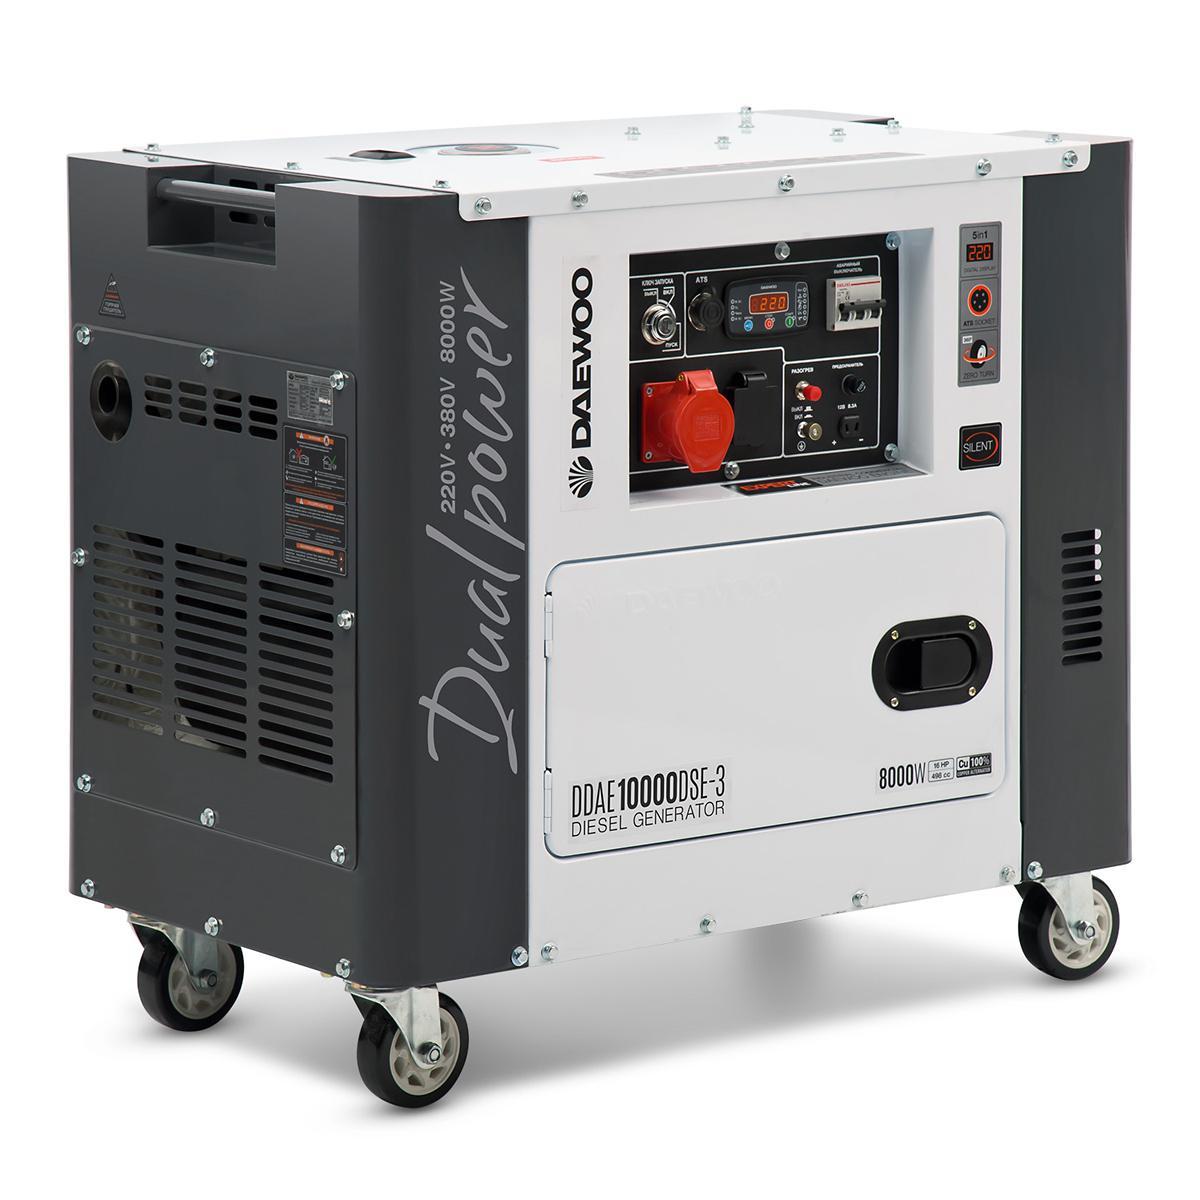 Дизельный генератор Daewoo Ddae10000dse-3 генератор дизельный daewoo ddae6000xe